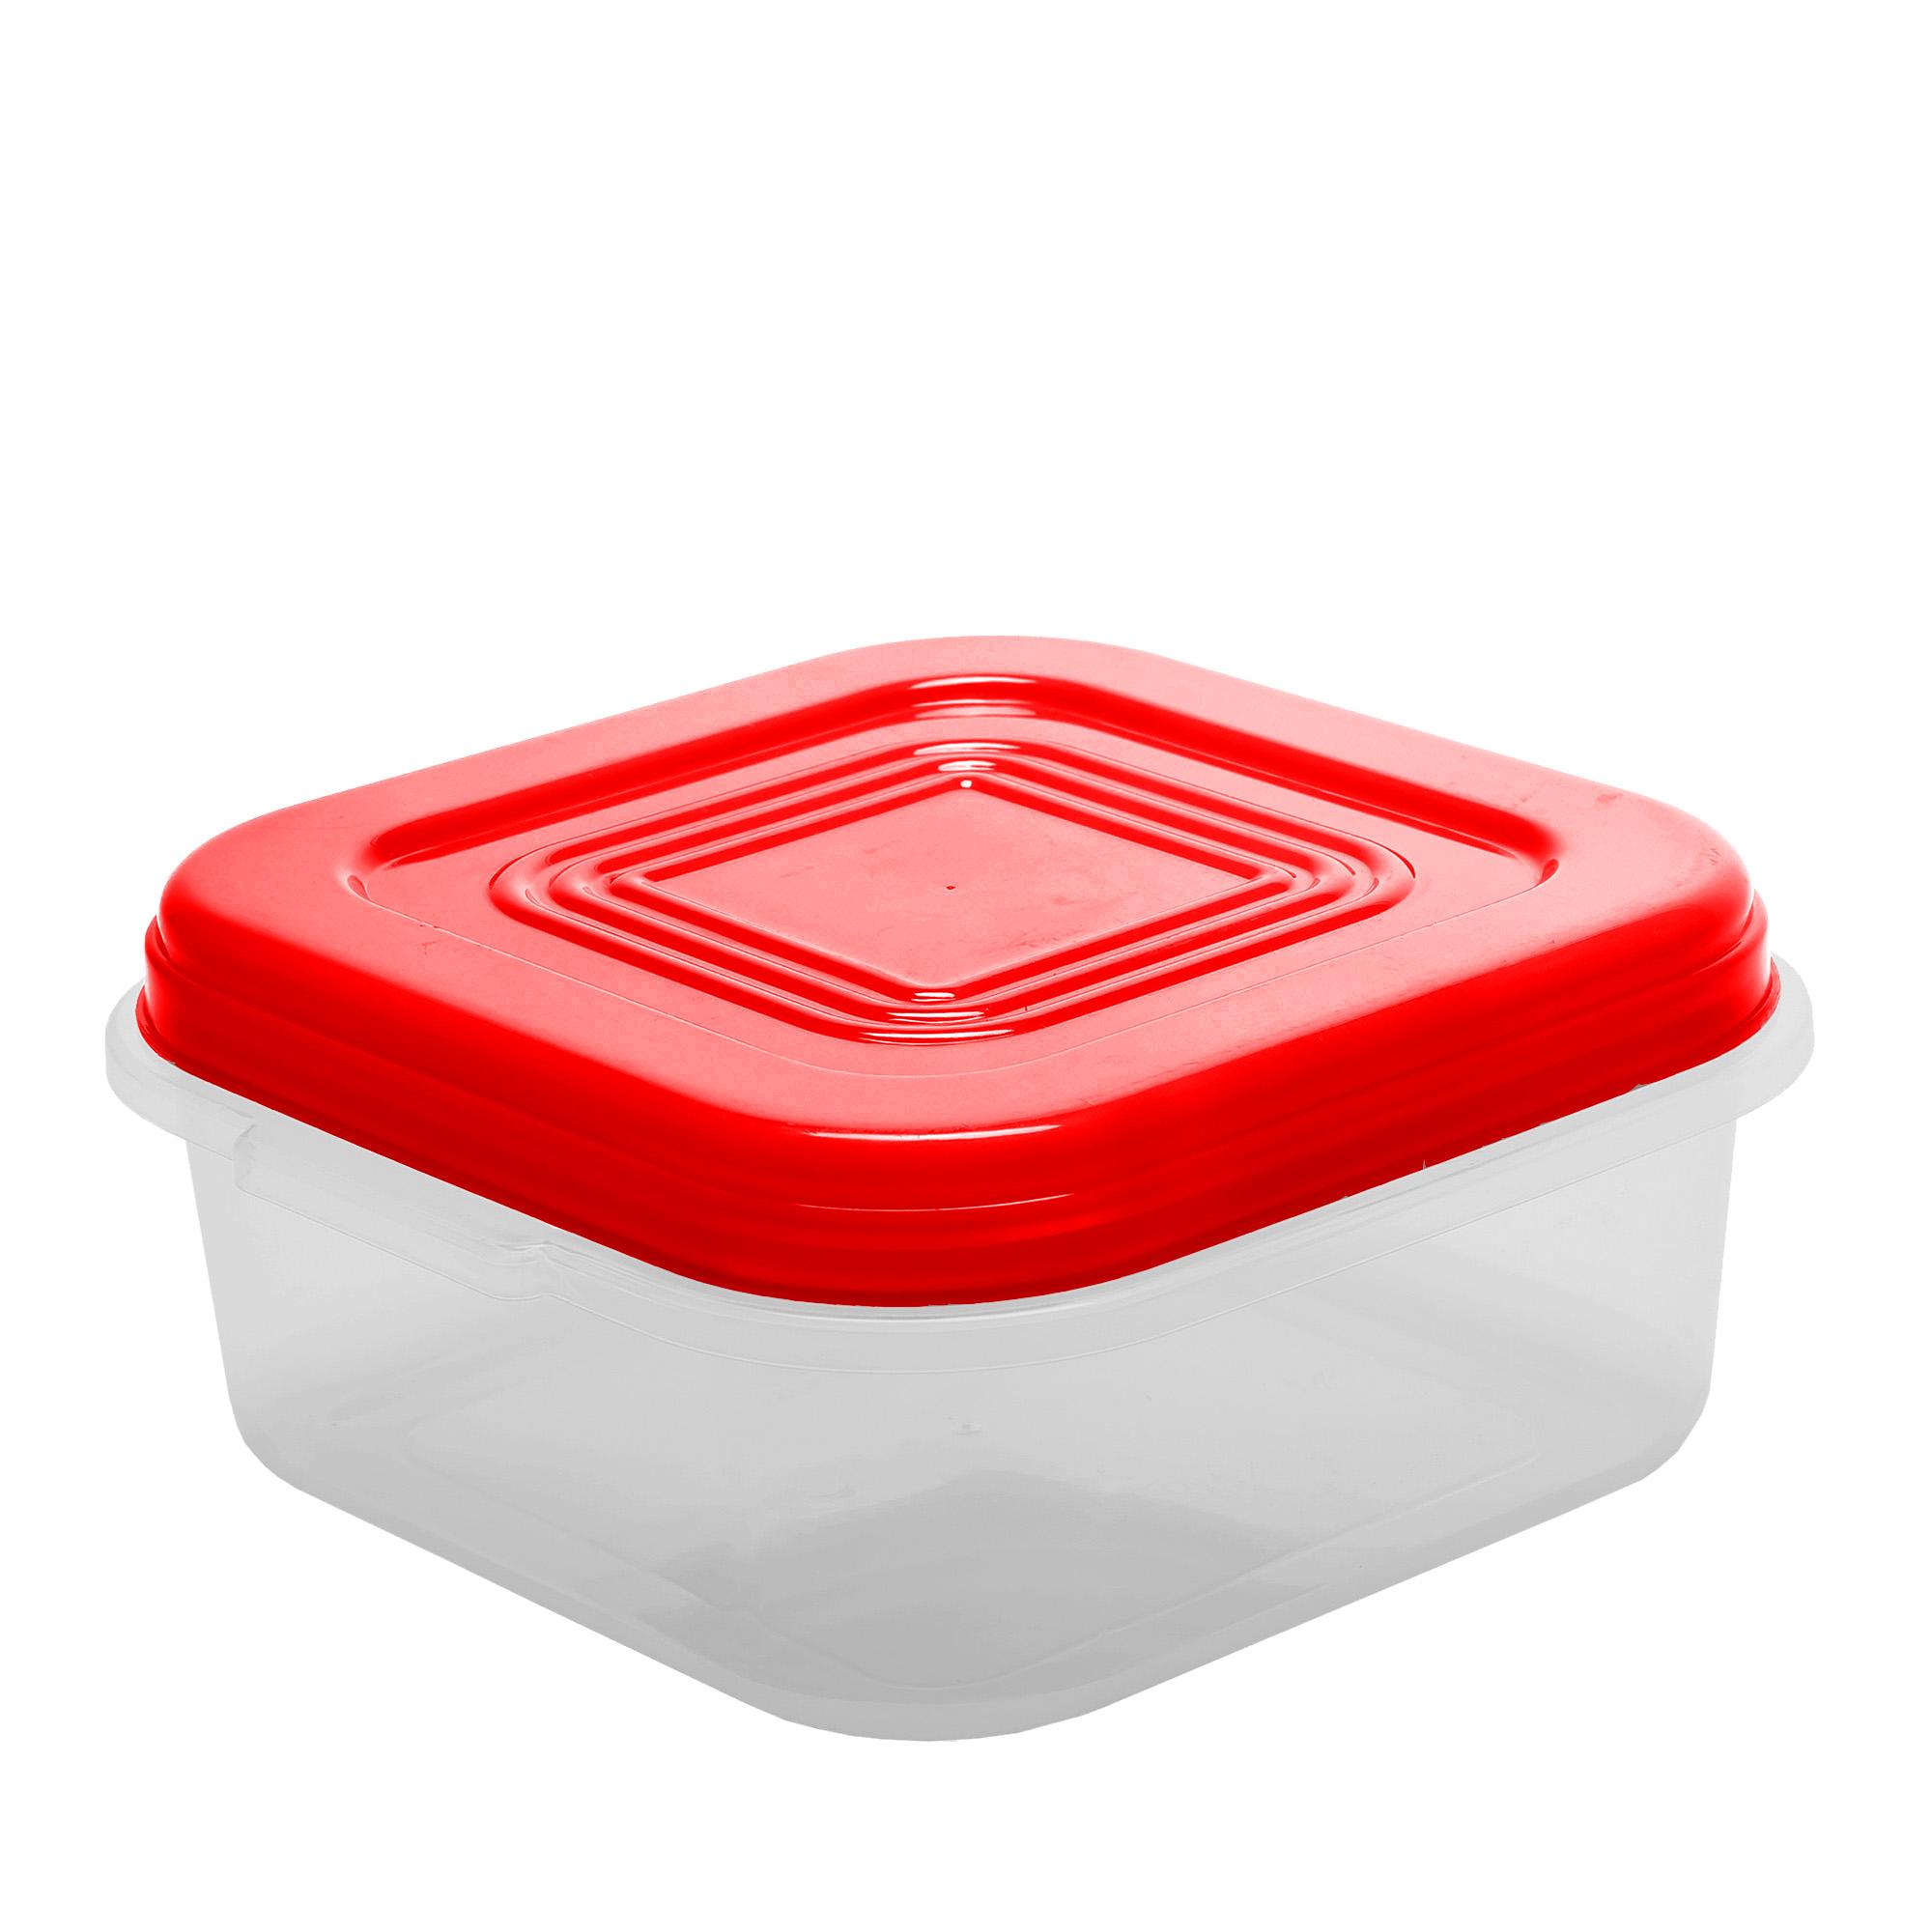 Pote Quadrado 3.4 Lt - Vermelho